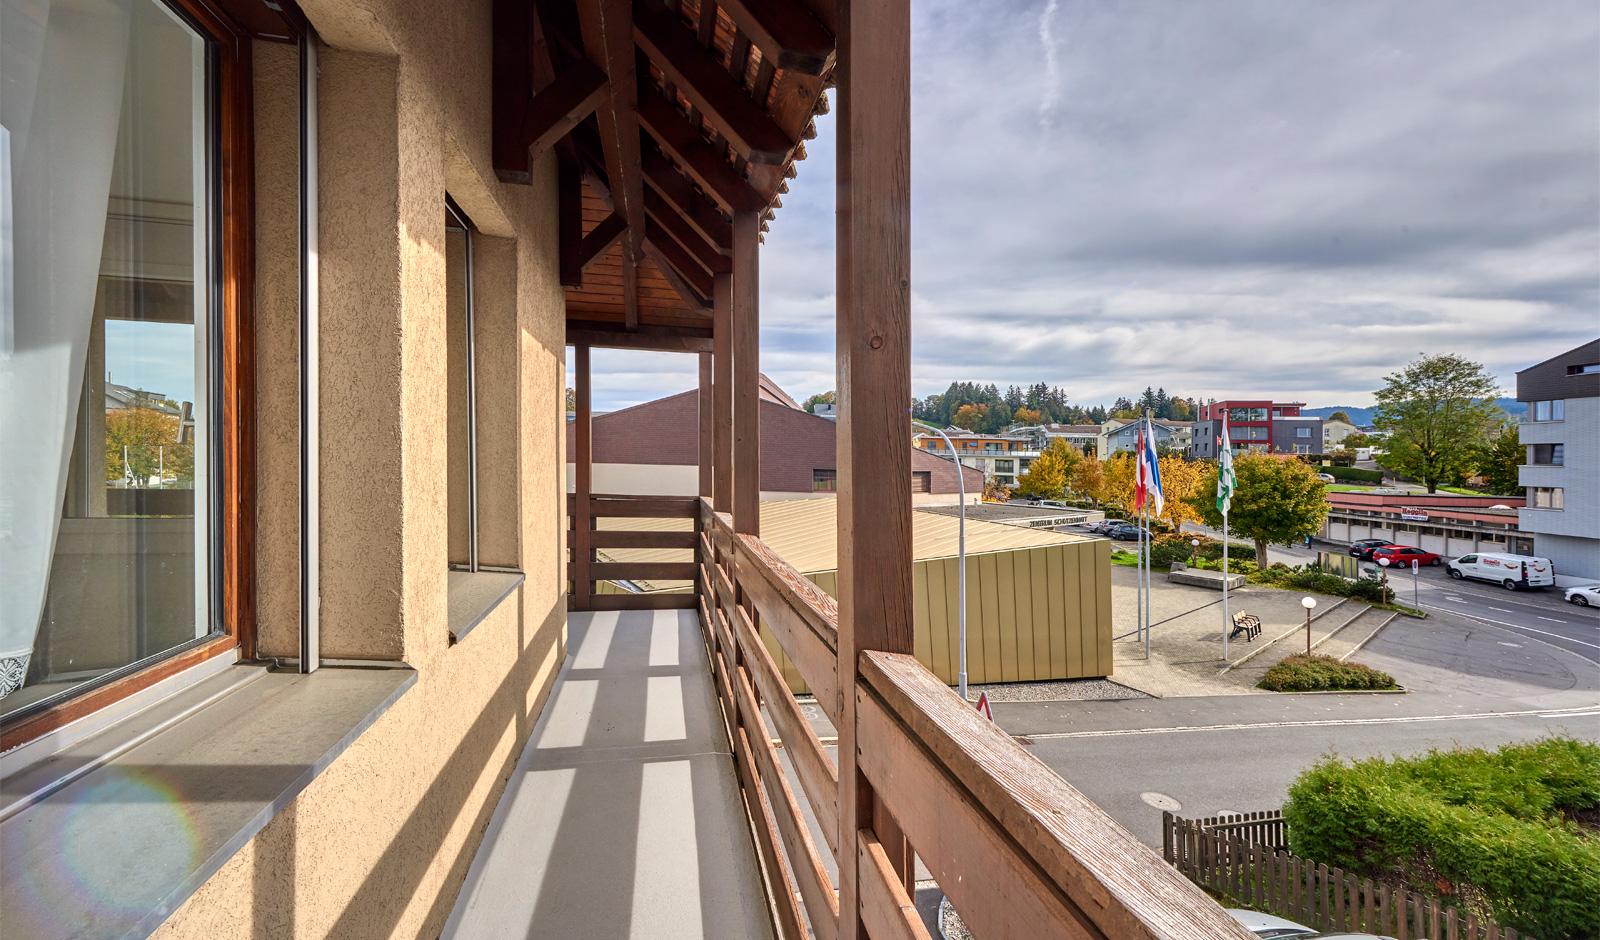 Wohnen in idyllischer Gemeinde im steuergünstigen Kanton Zug